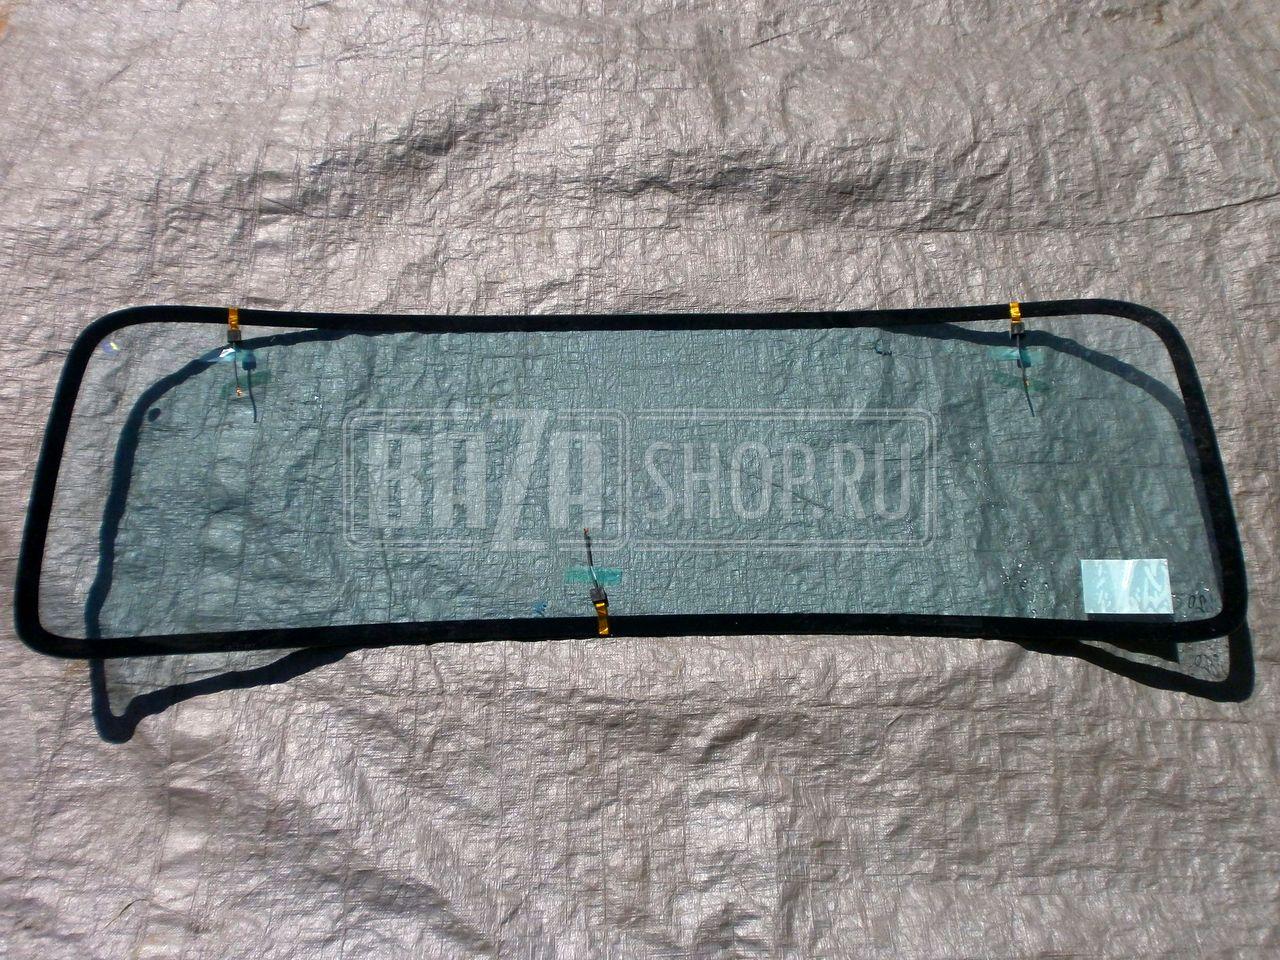 Лобовое стекло на уаз патриот с подогревом